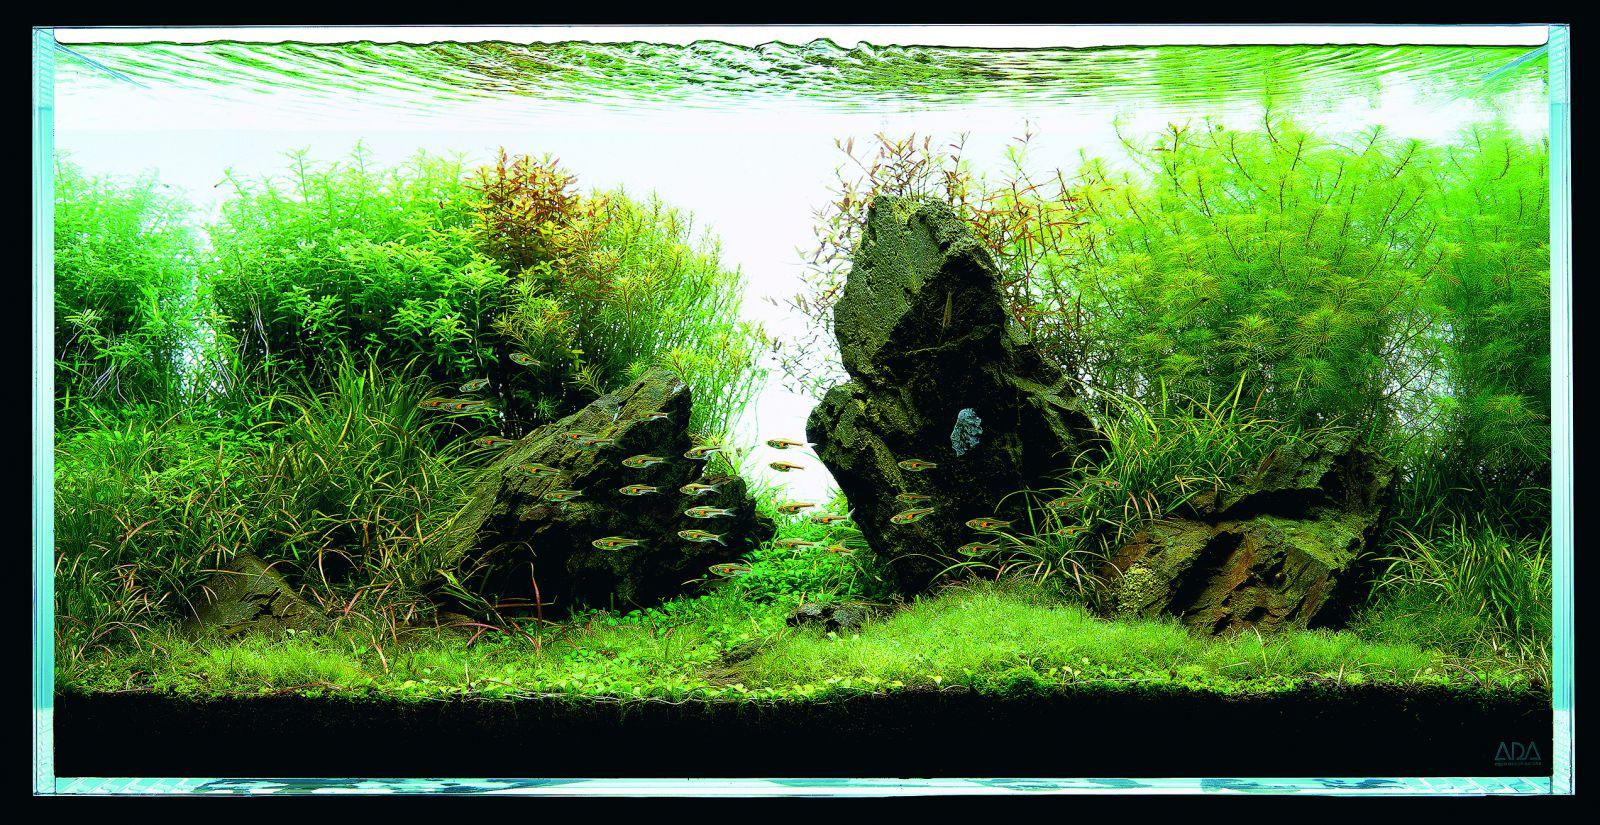 Cây xương cá xanh được trồng hậu cảnh, góc phải trong hồ thủy sinh này